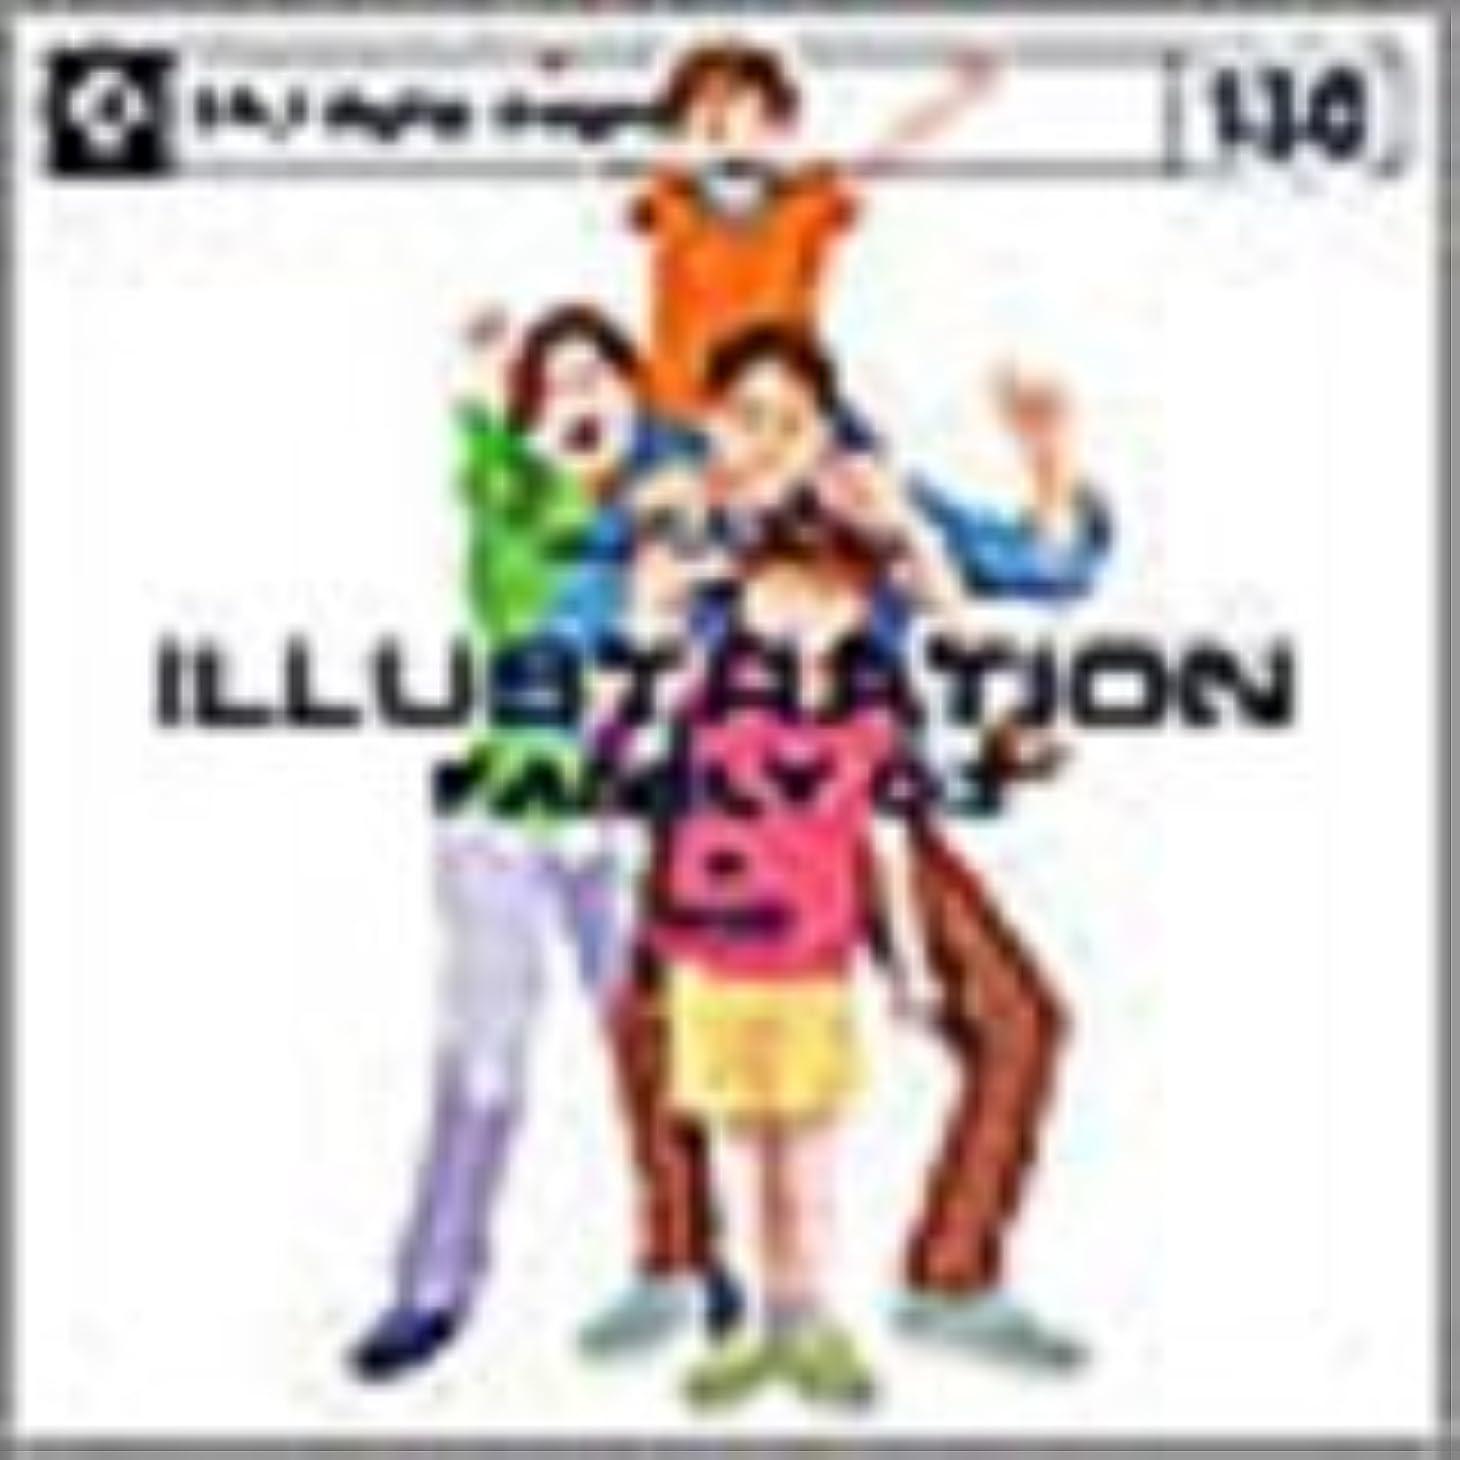 勝利順応性のあるリスDAJ 130 イラストシリーズ/ファミリー03